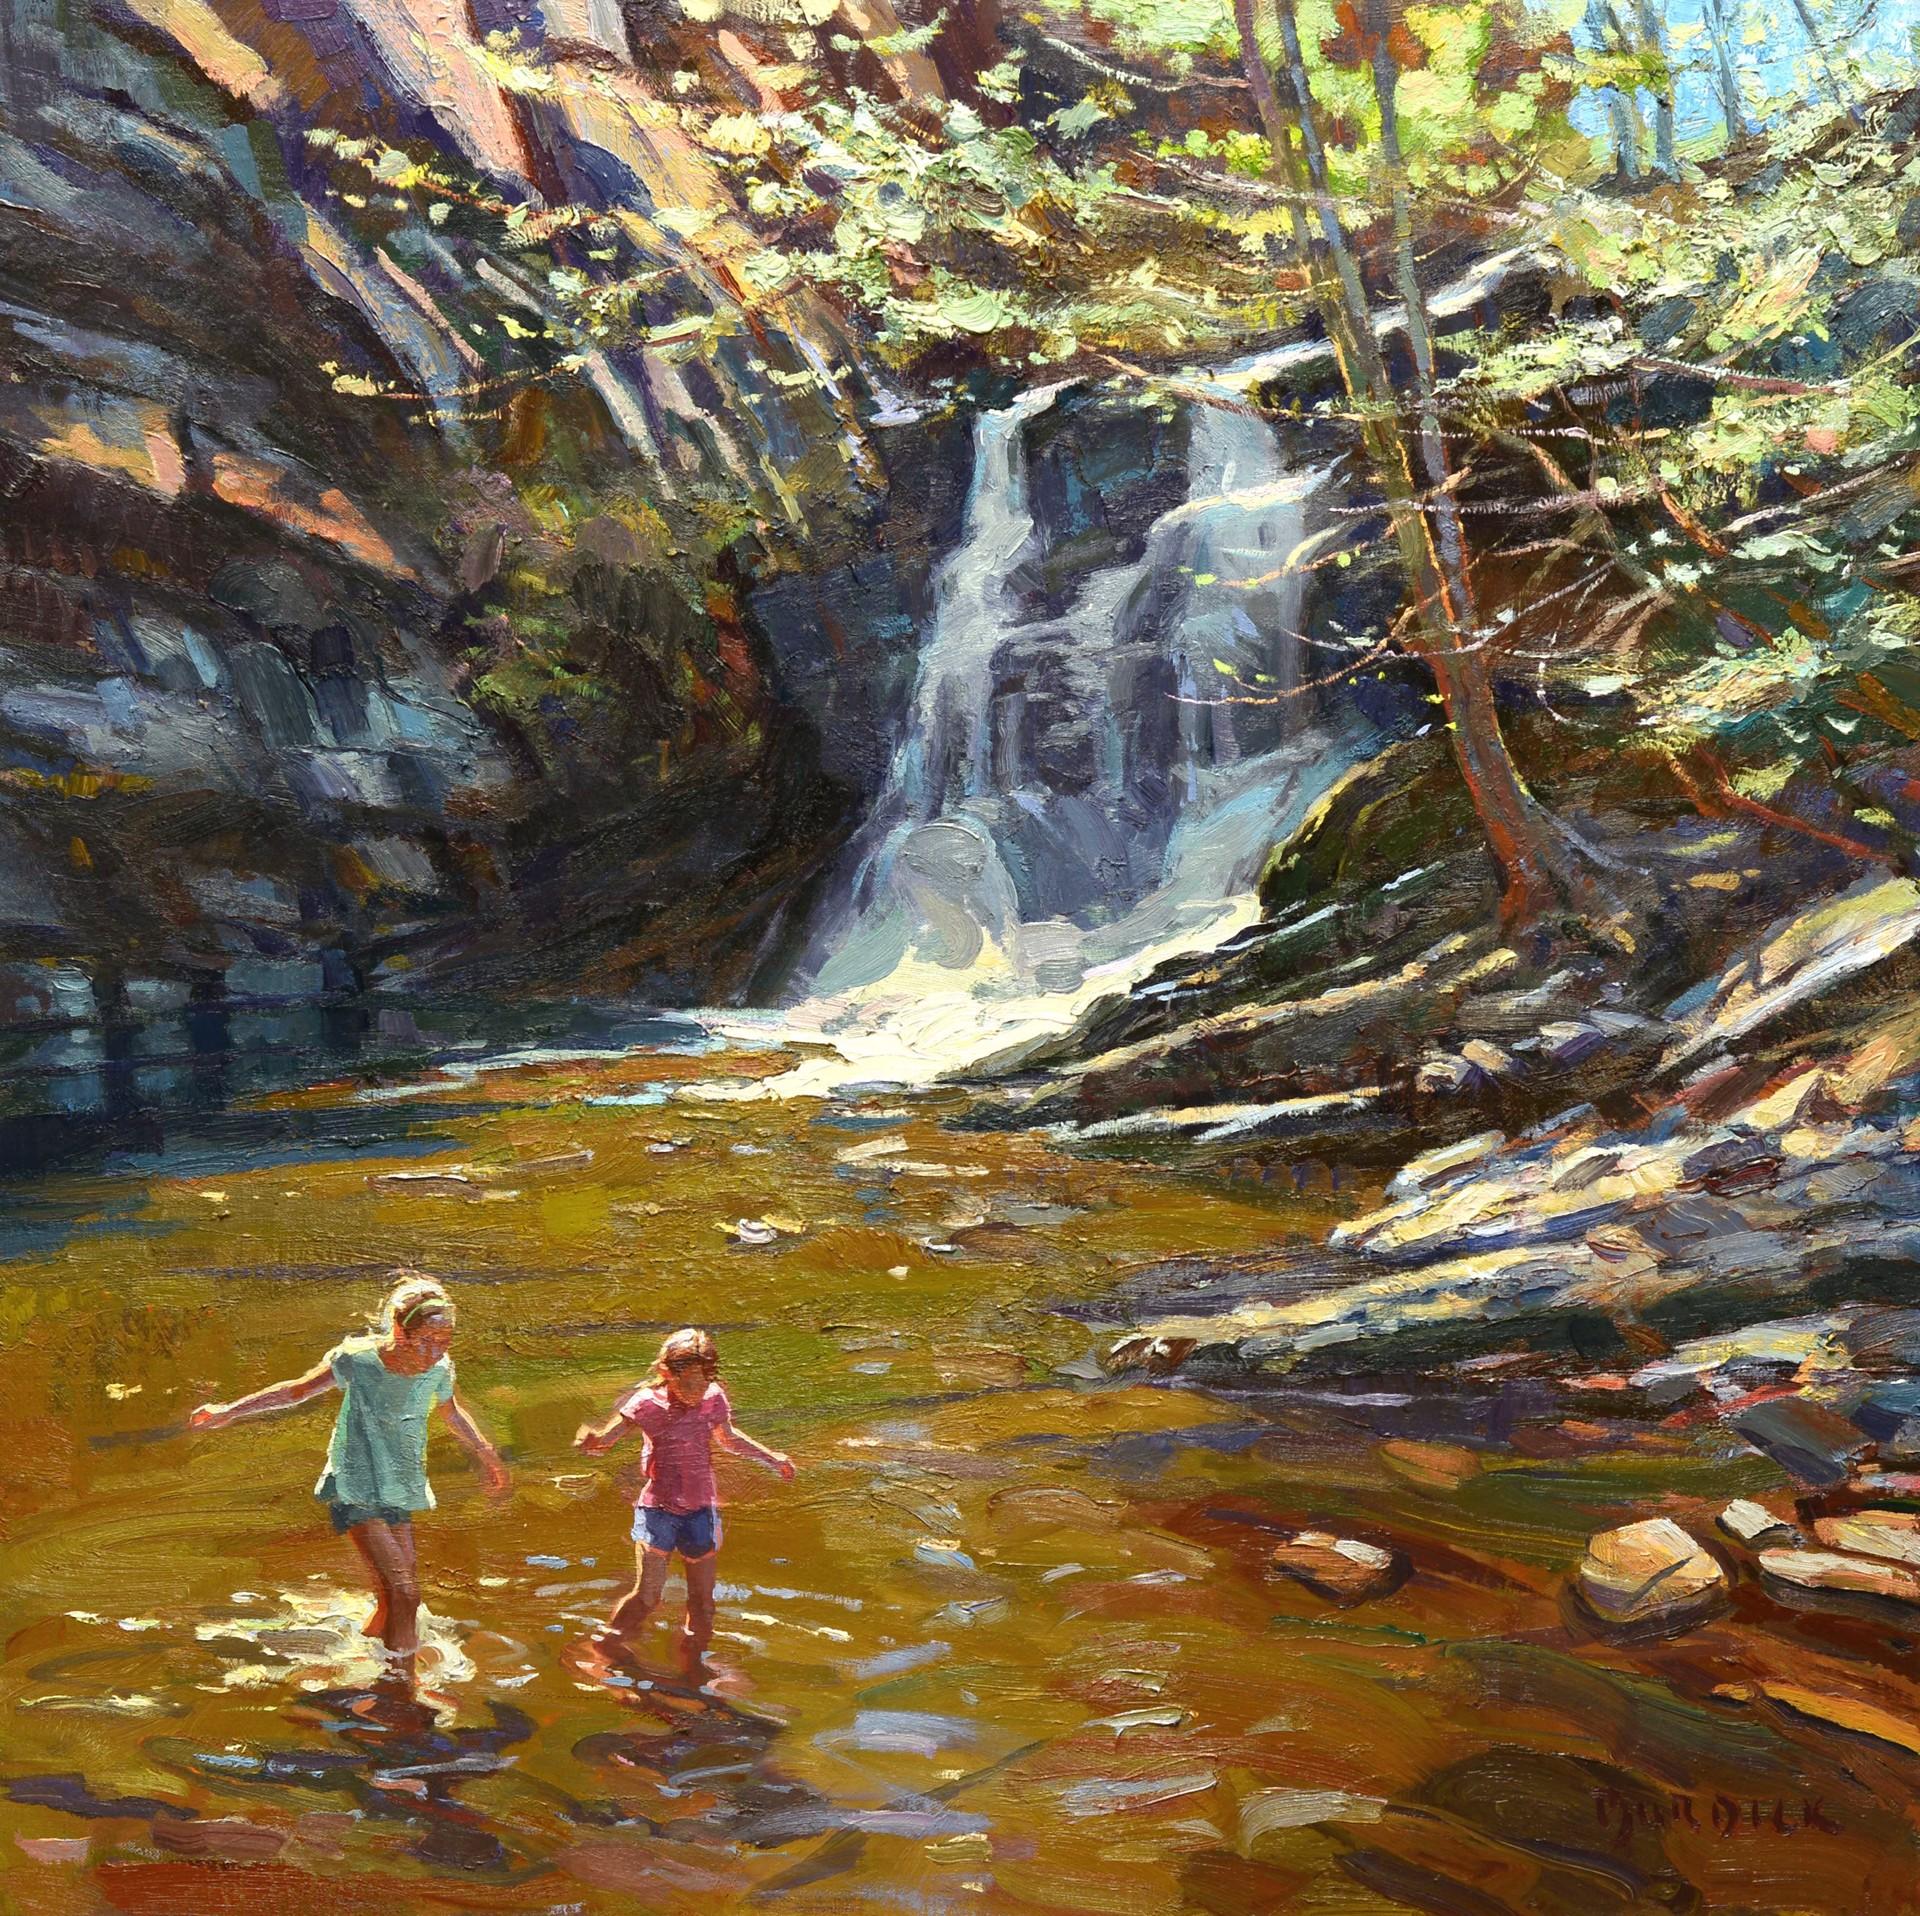 Lower Cascade Falls by Scott Burdick